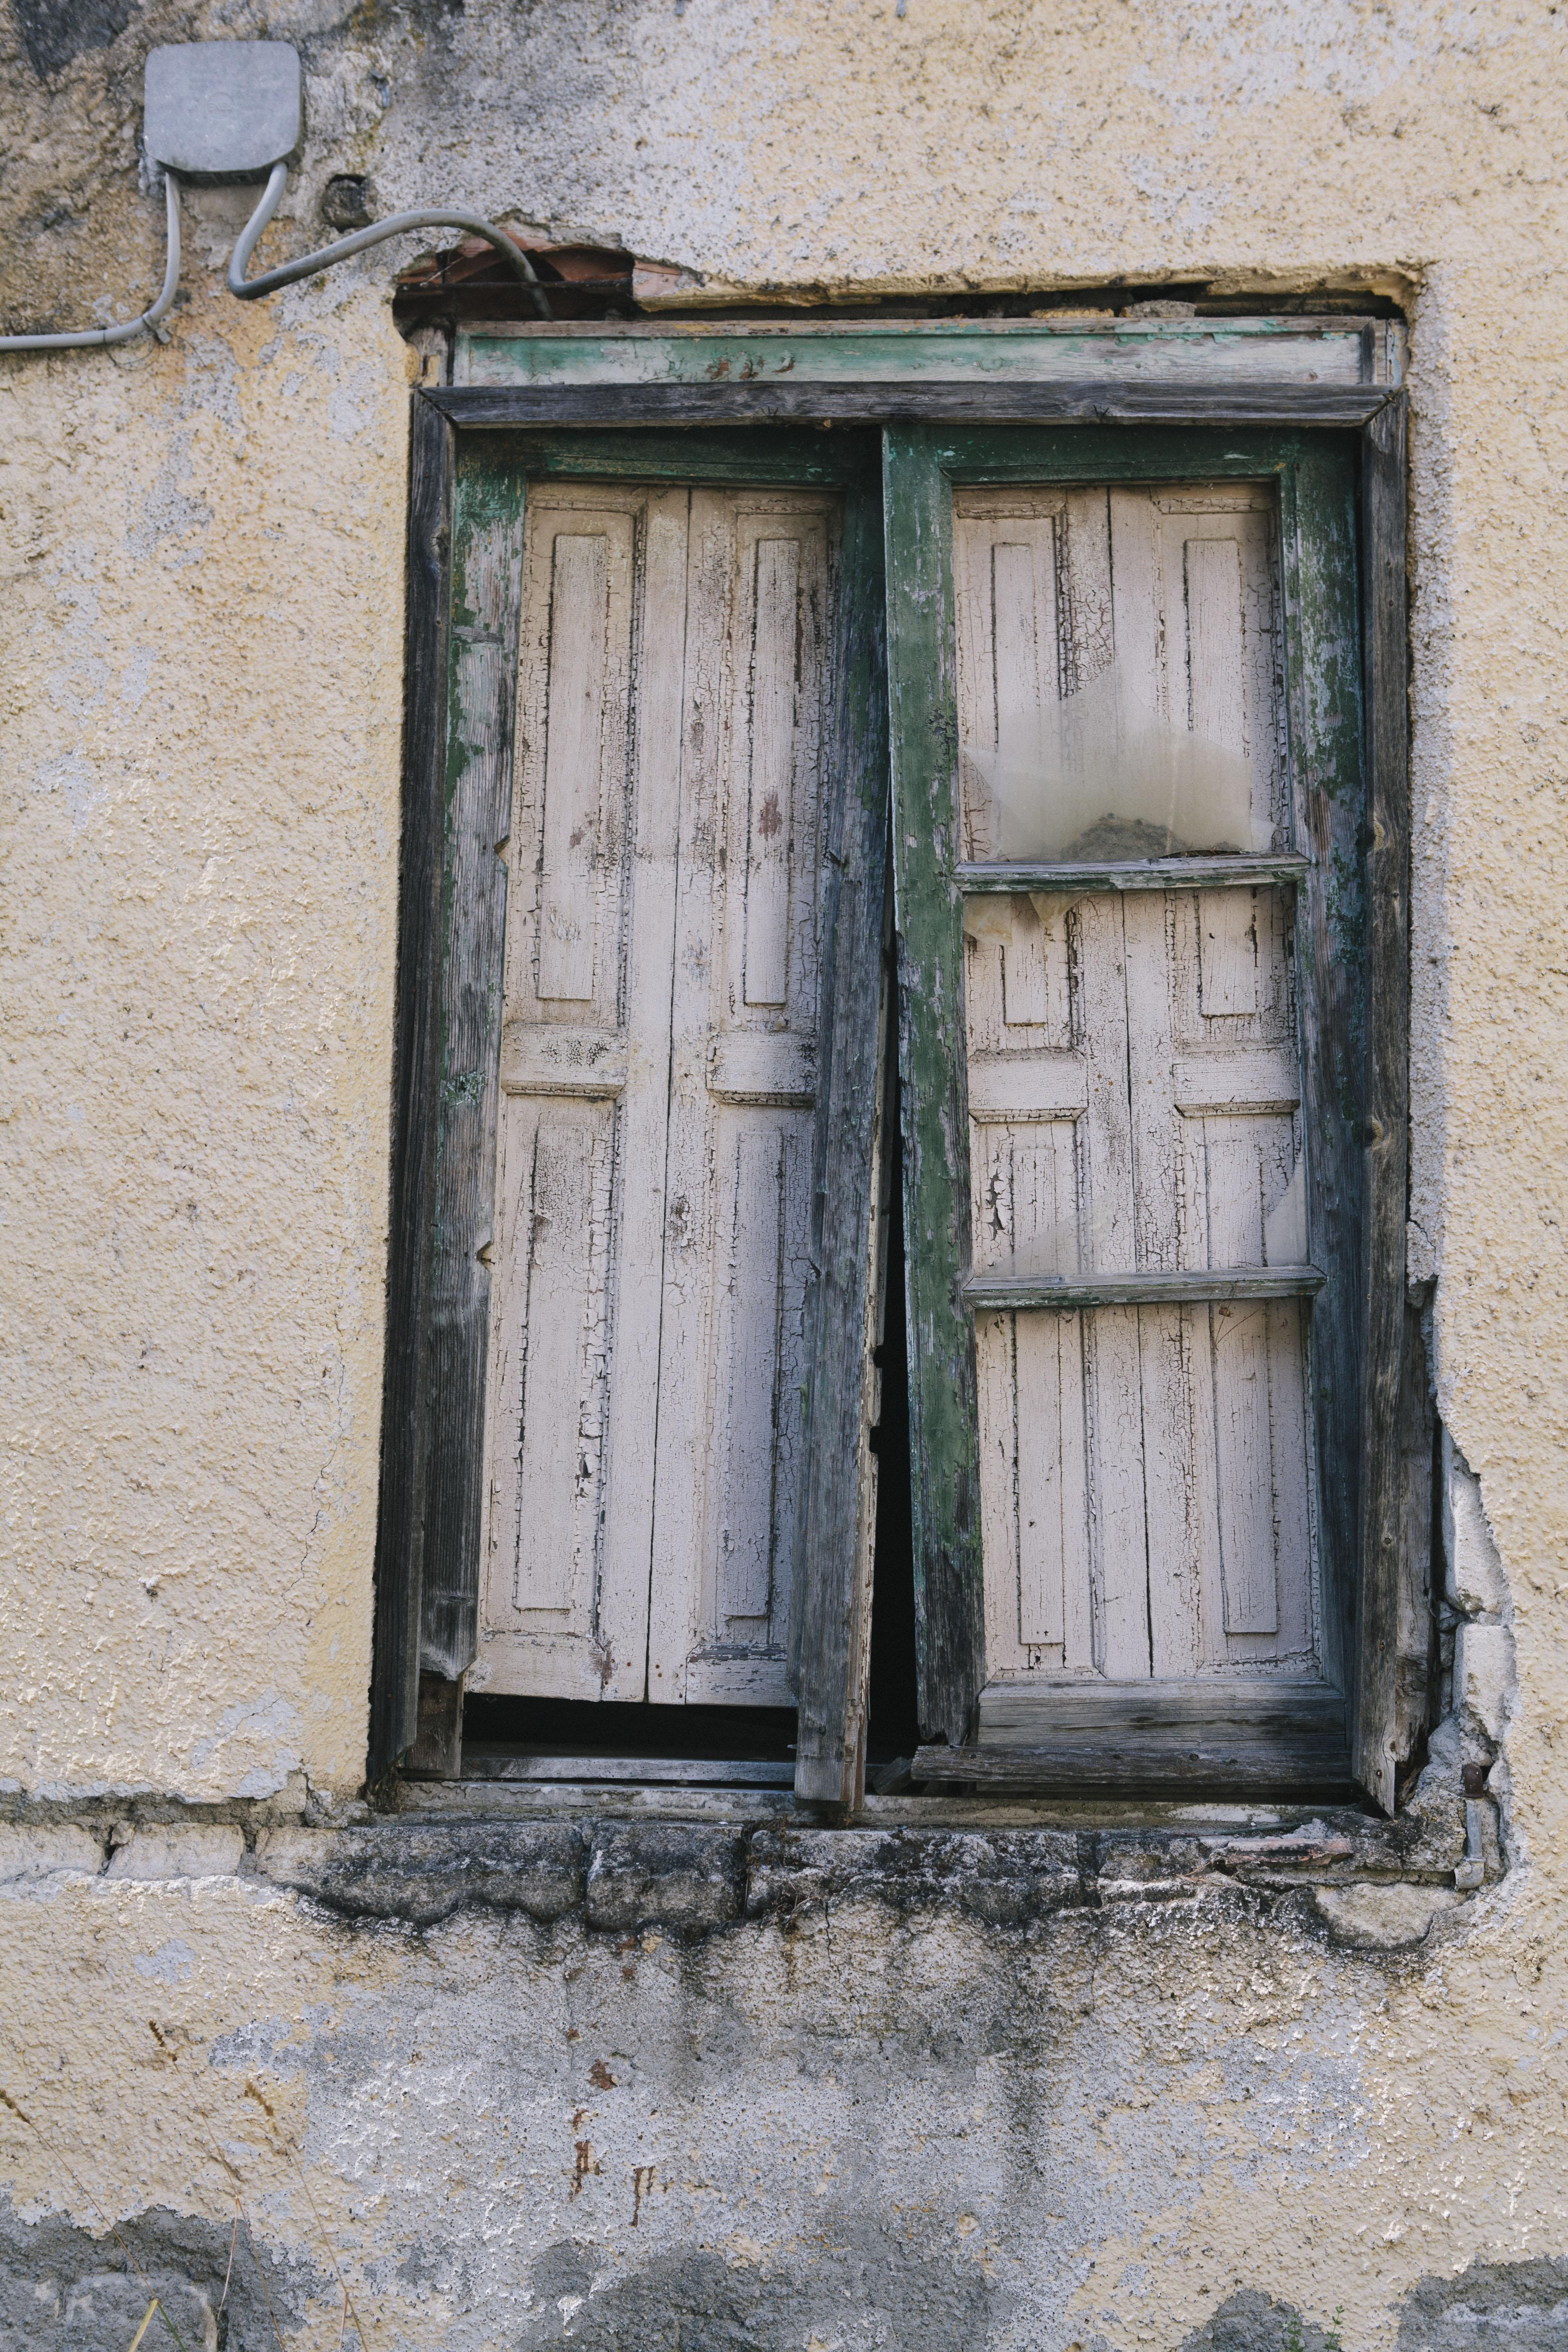 Finestra rotta a Monticchio